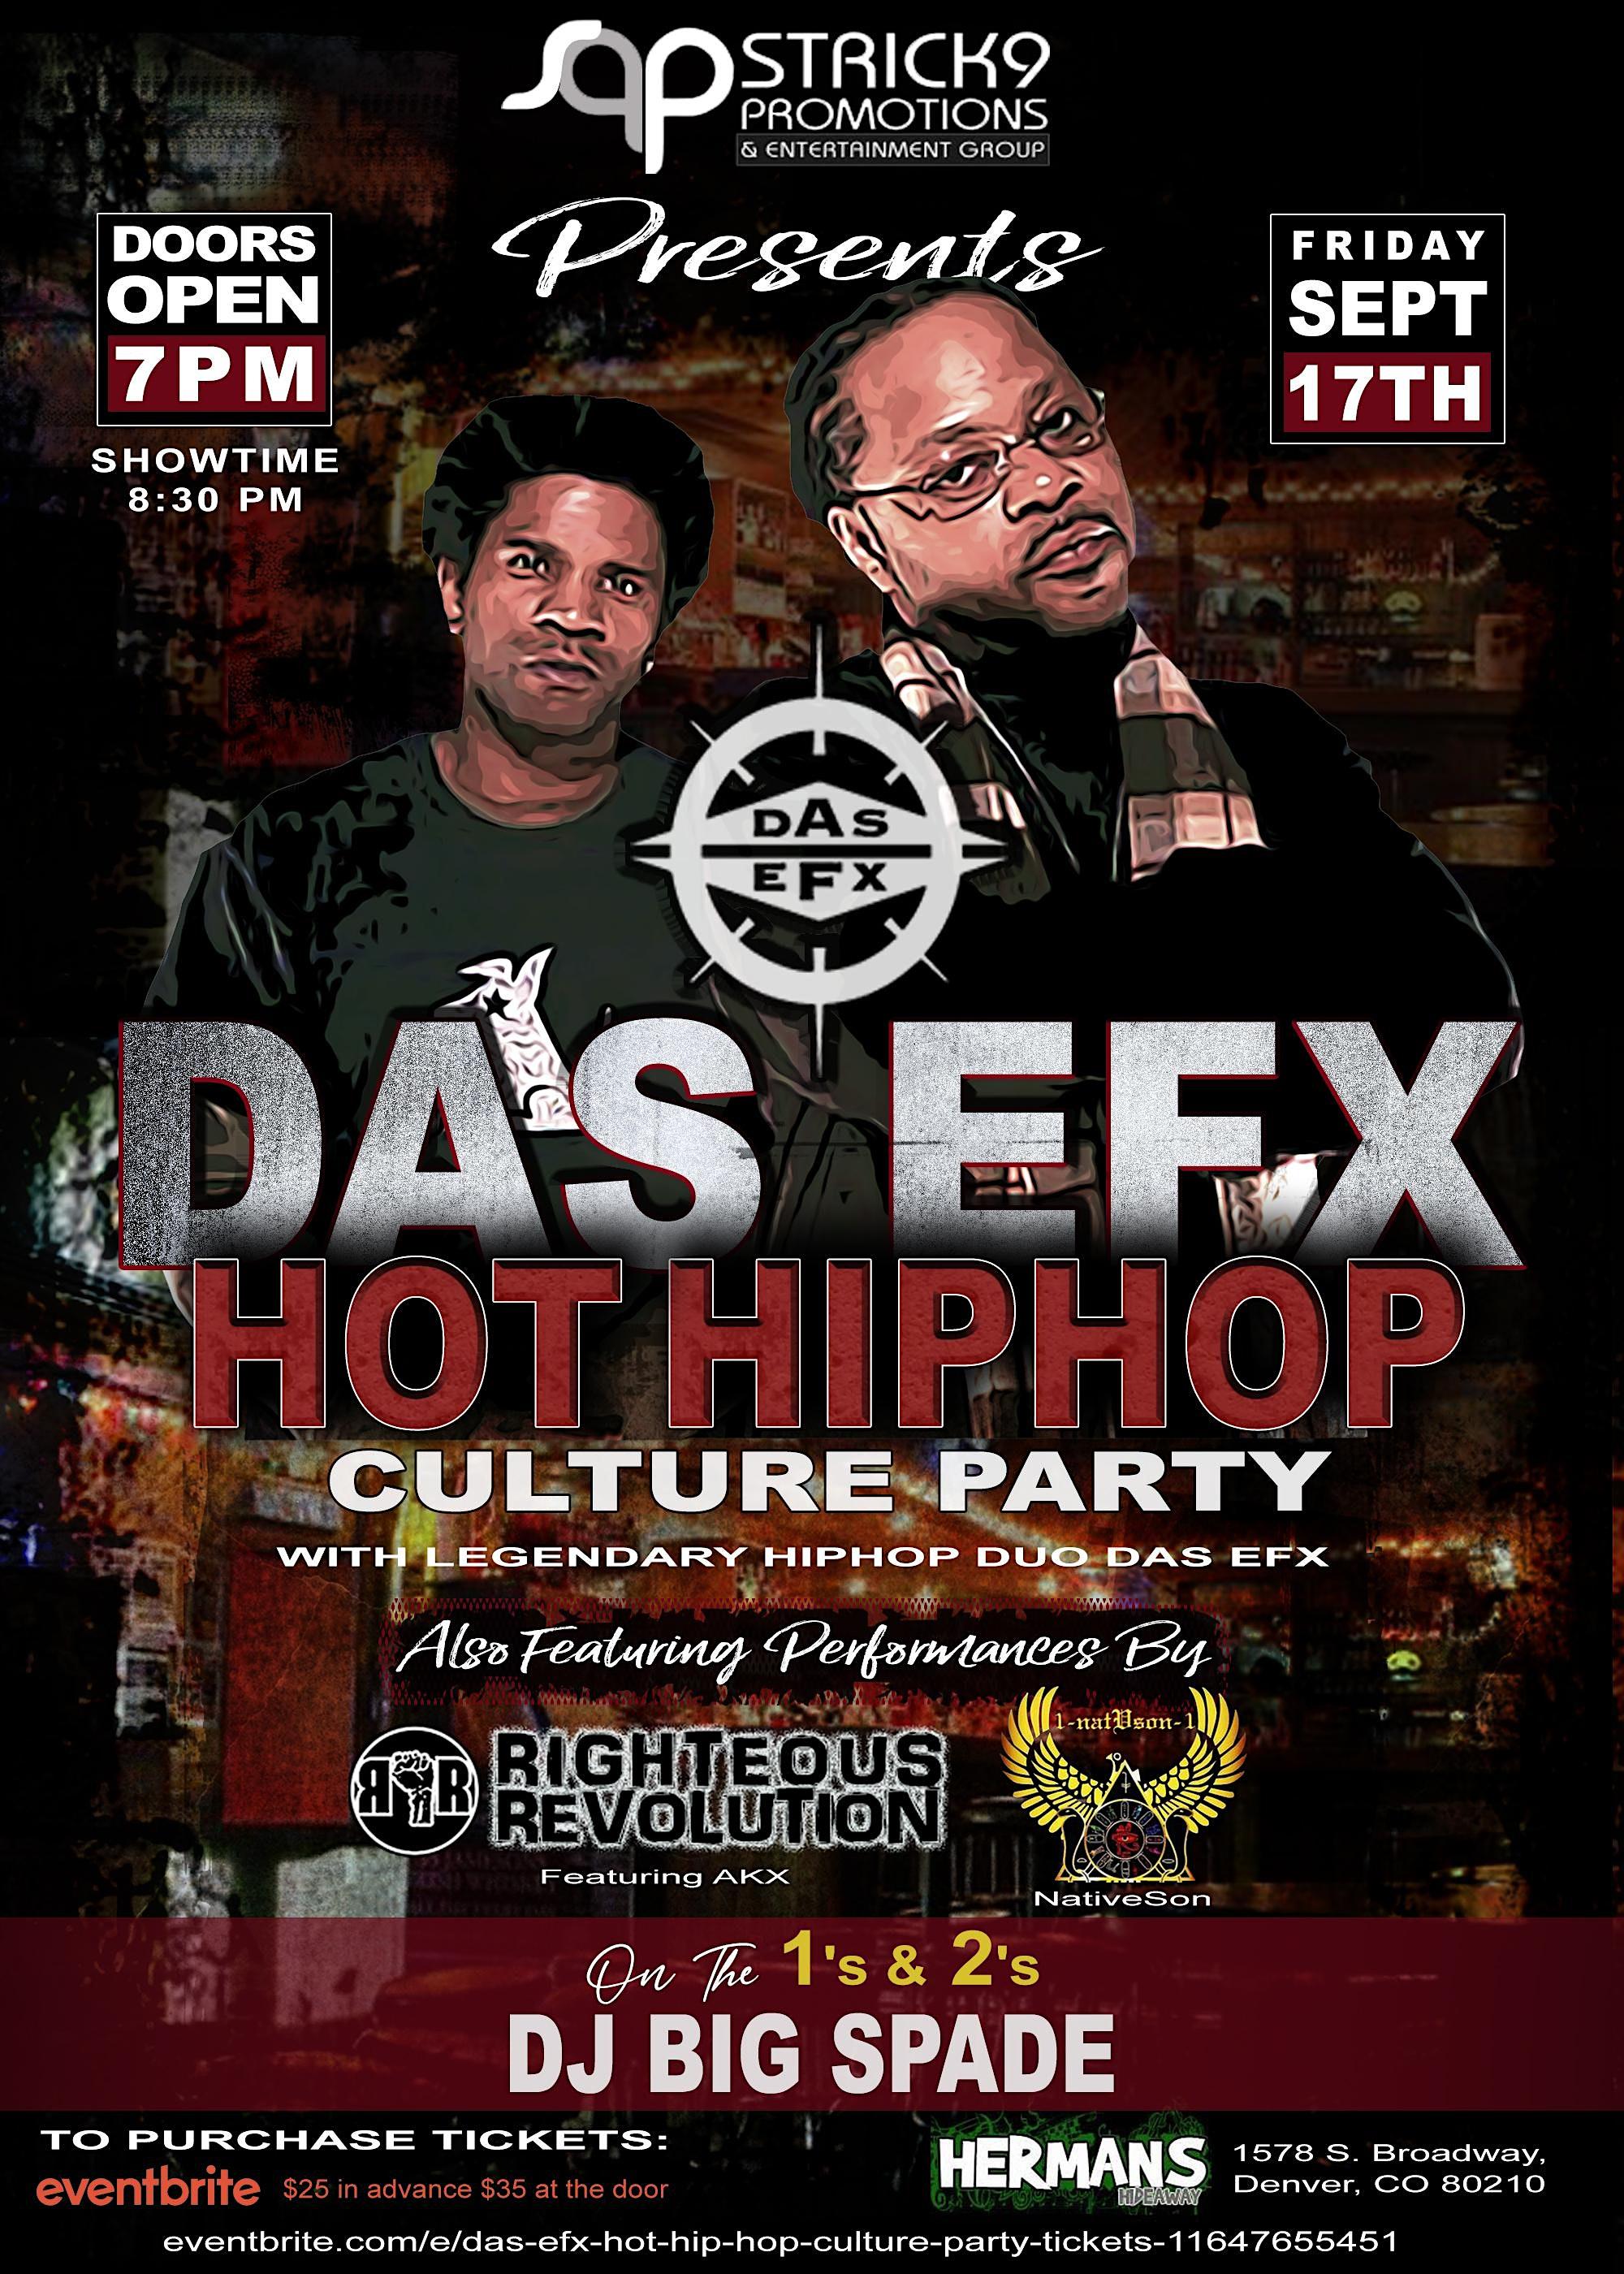 DAS EFX  (Hot Hip Hop Culture Party)